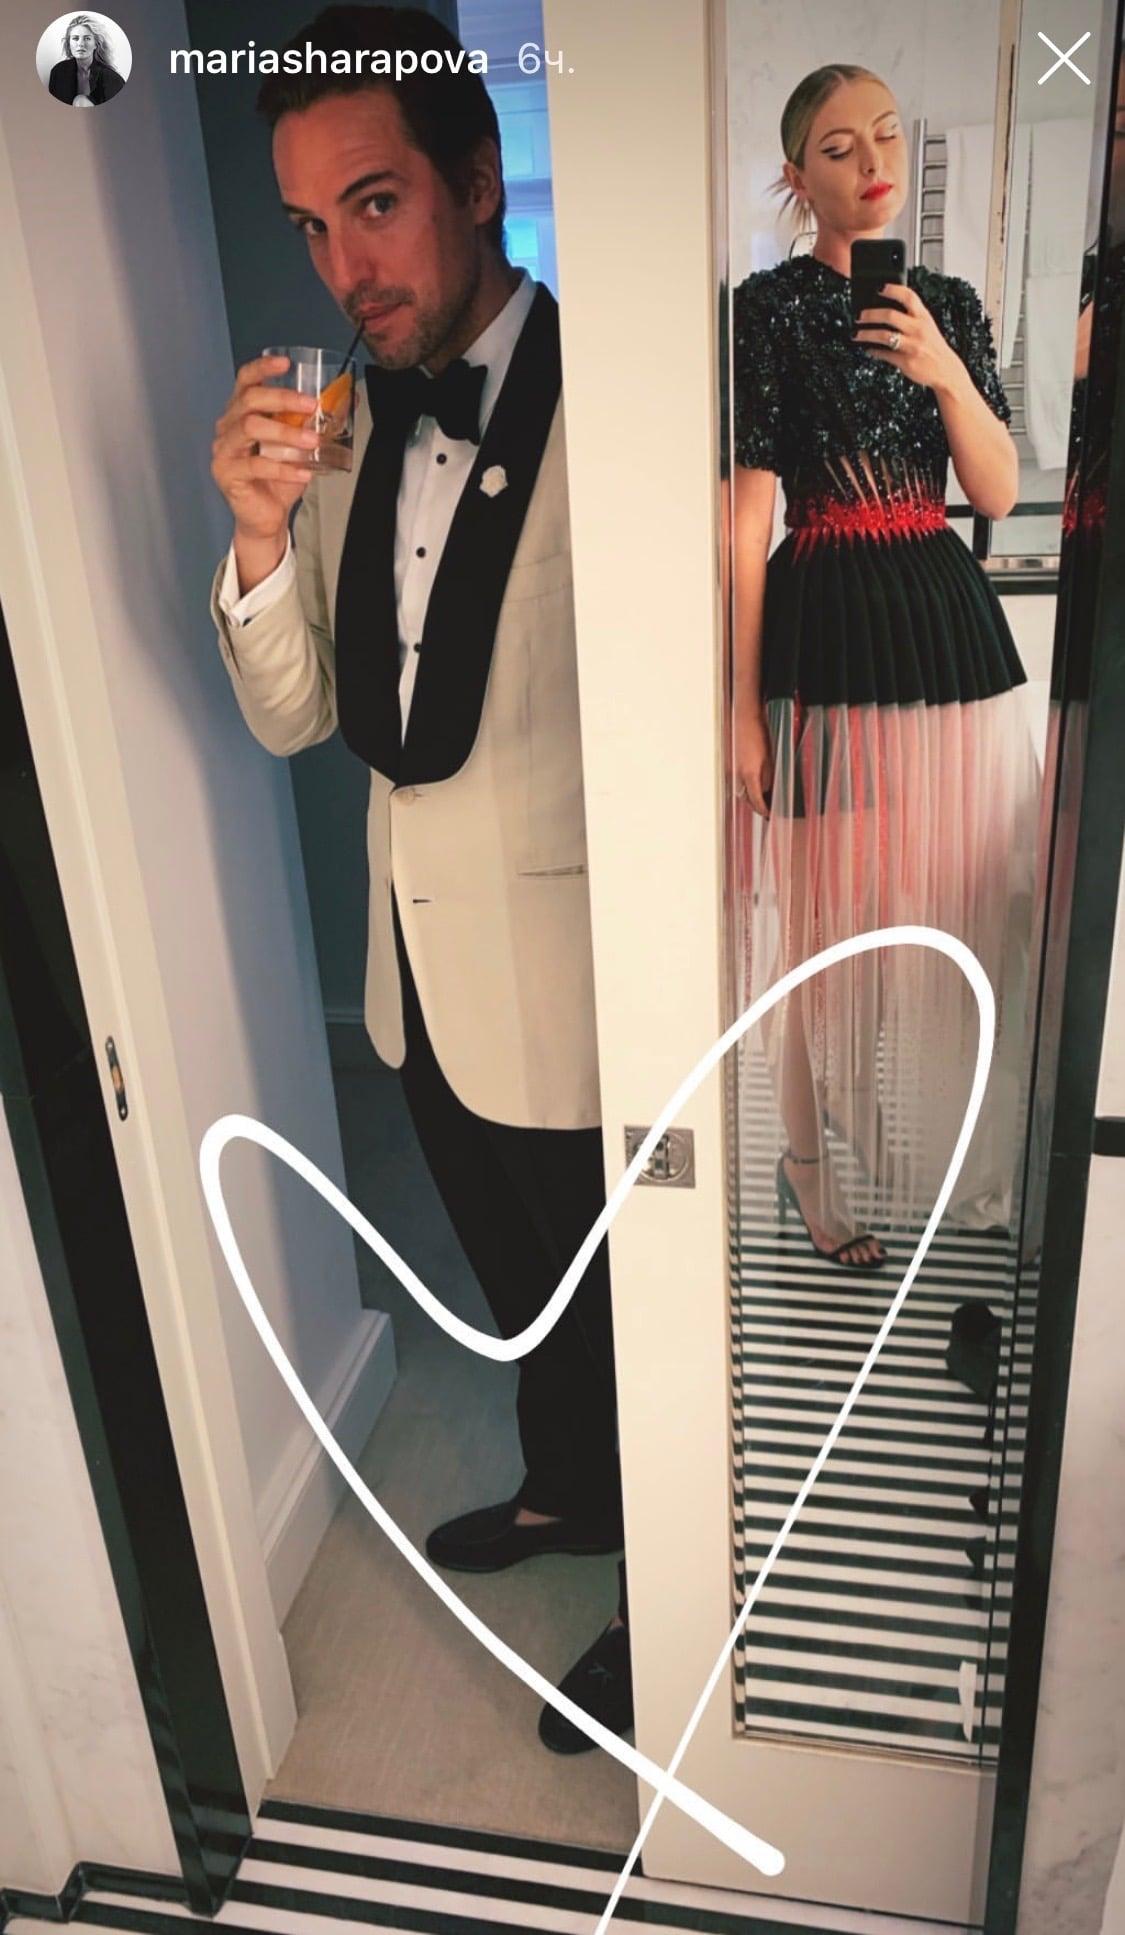 Шарапова и Серена на главной модной вечеринке мира. Серена снова победила